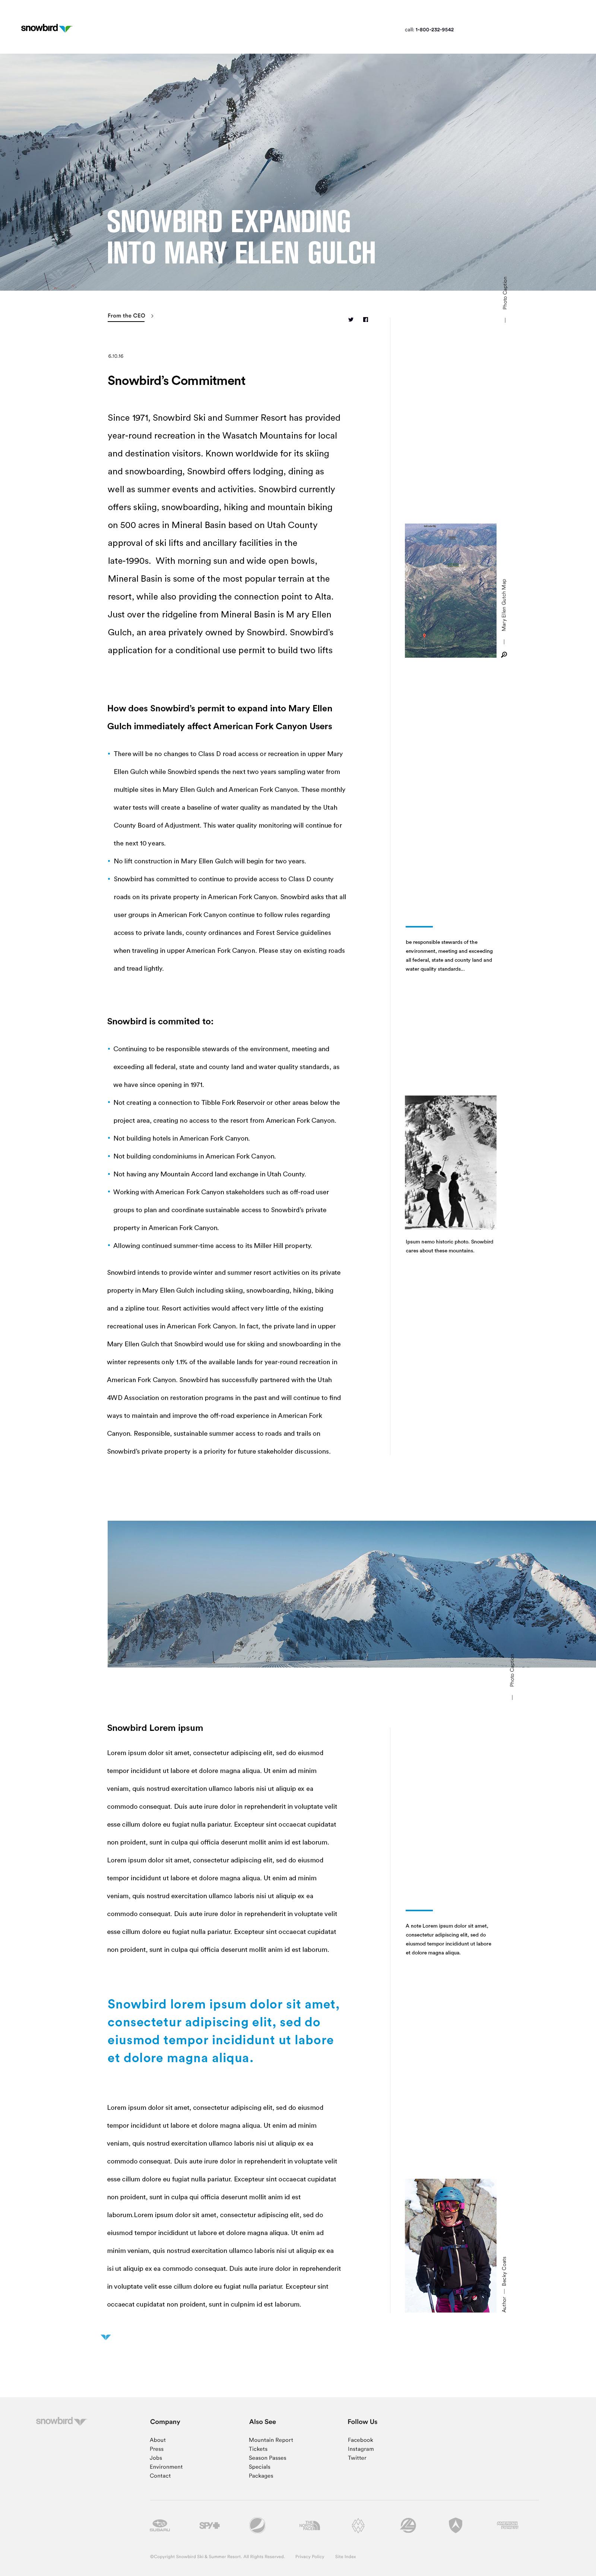 Snowbird blog detail 002